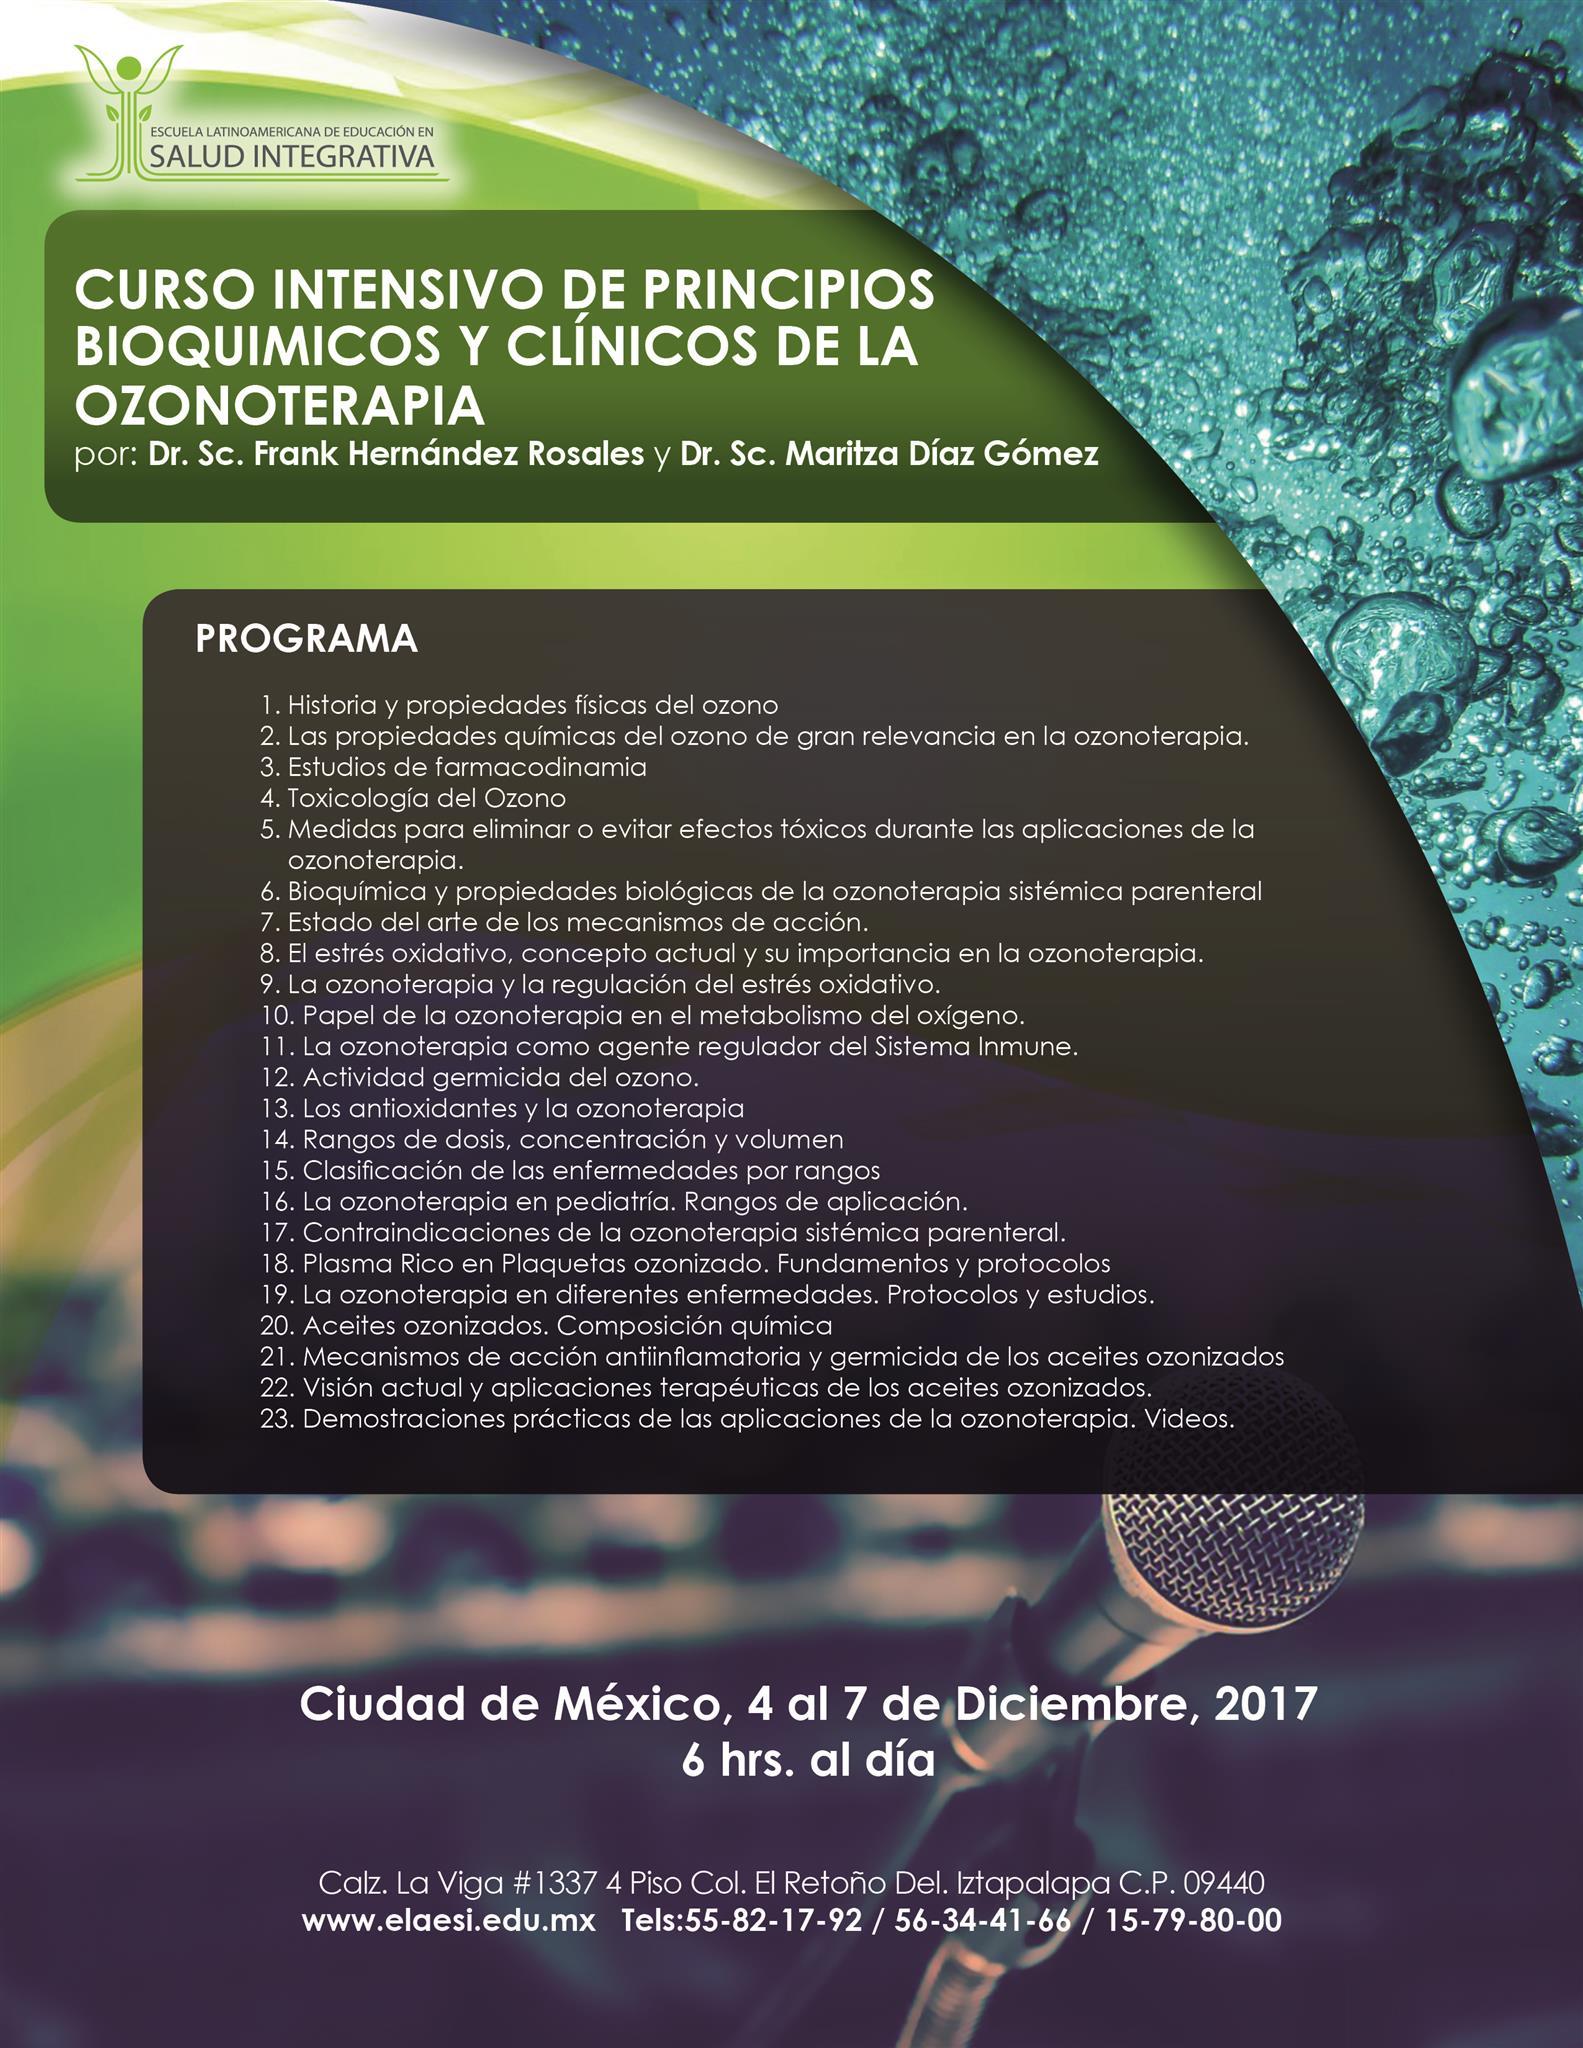 CURSO INTENSIVO DE PRINCIPIOS BIOQUÍMICOS Y CLÍNICOS DE LA OZONOTERAPIA